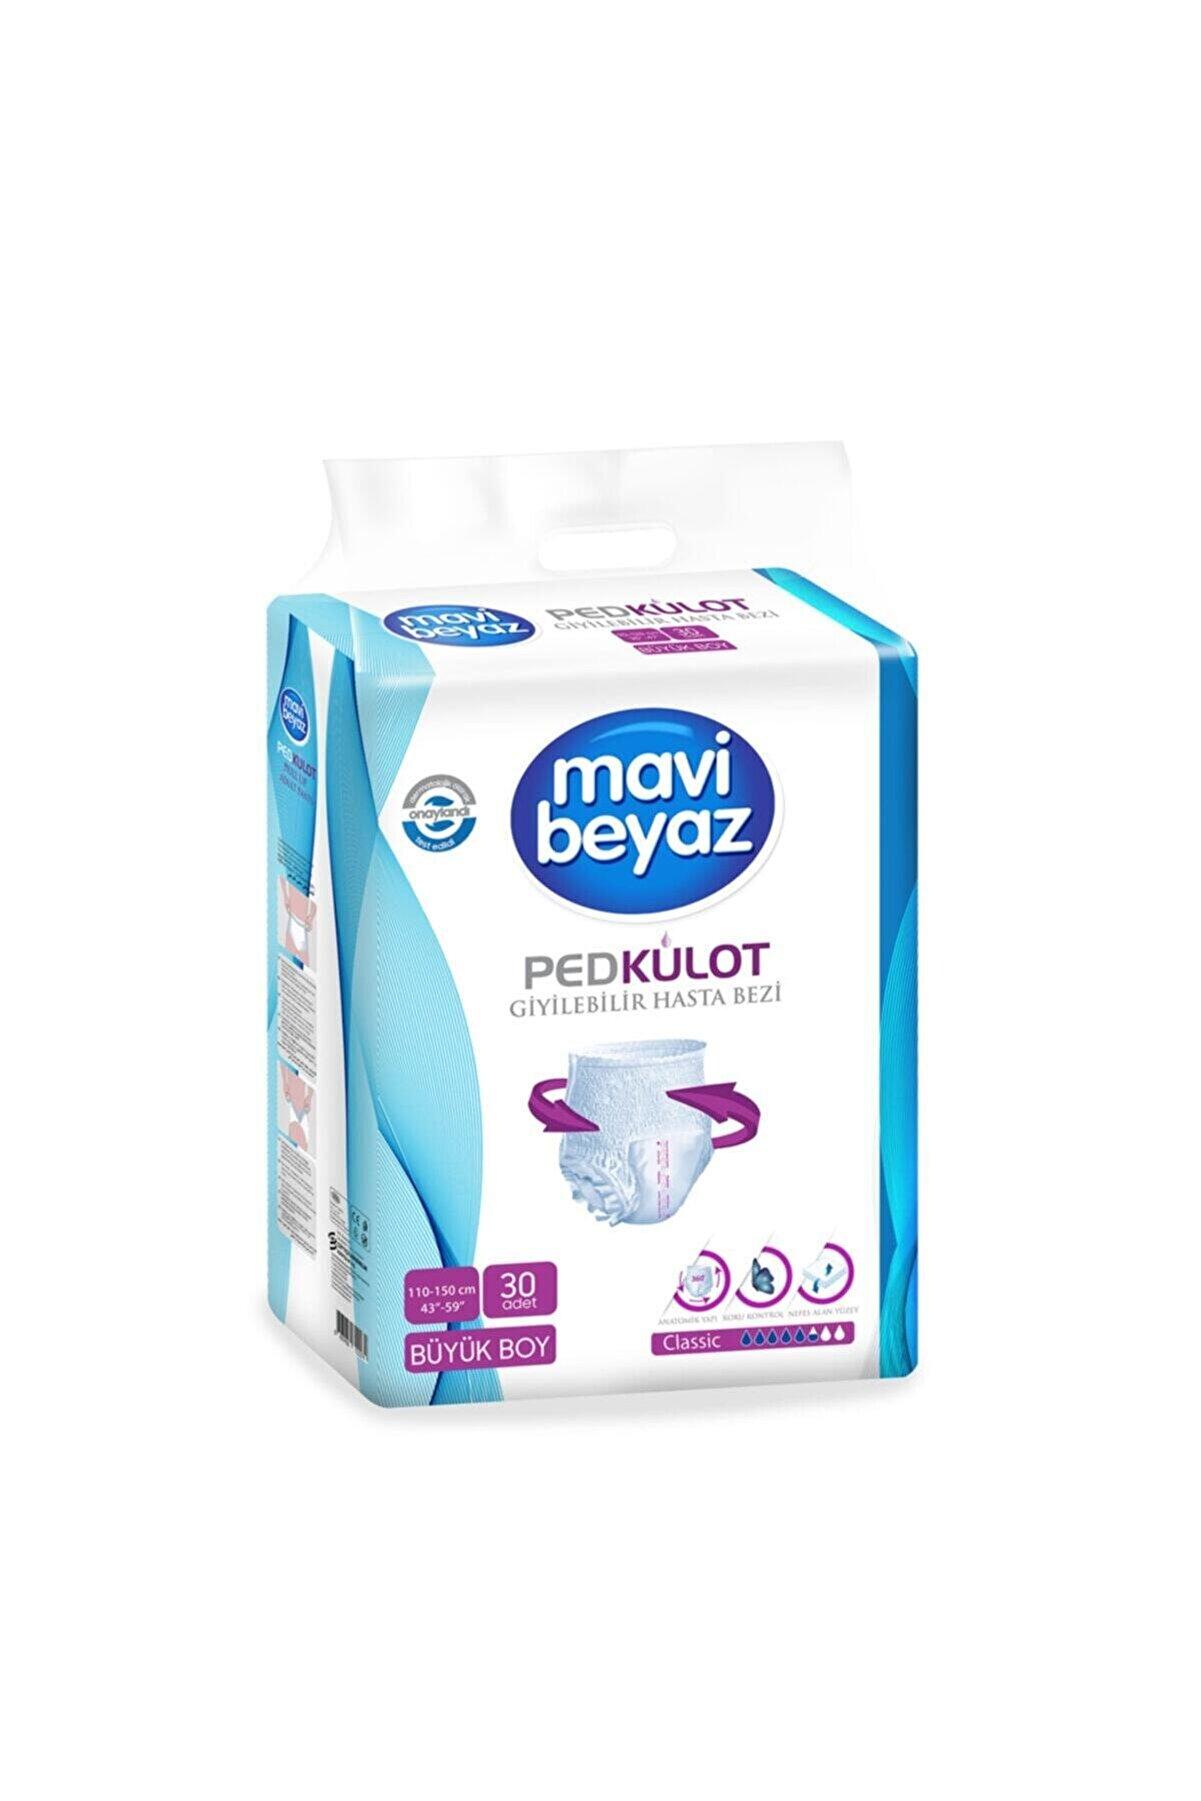 Mavi Beyaz Ped Külot Yetişkin Hasta Bezi Büyük Boy-large 30 Kullanım